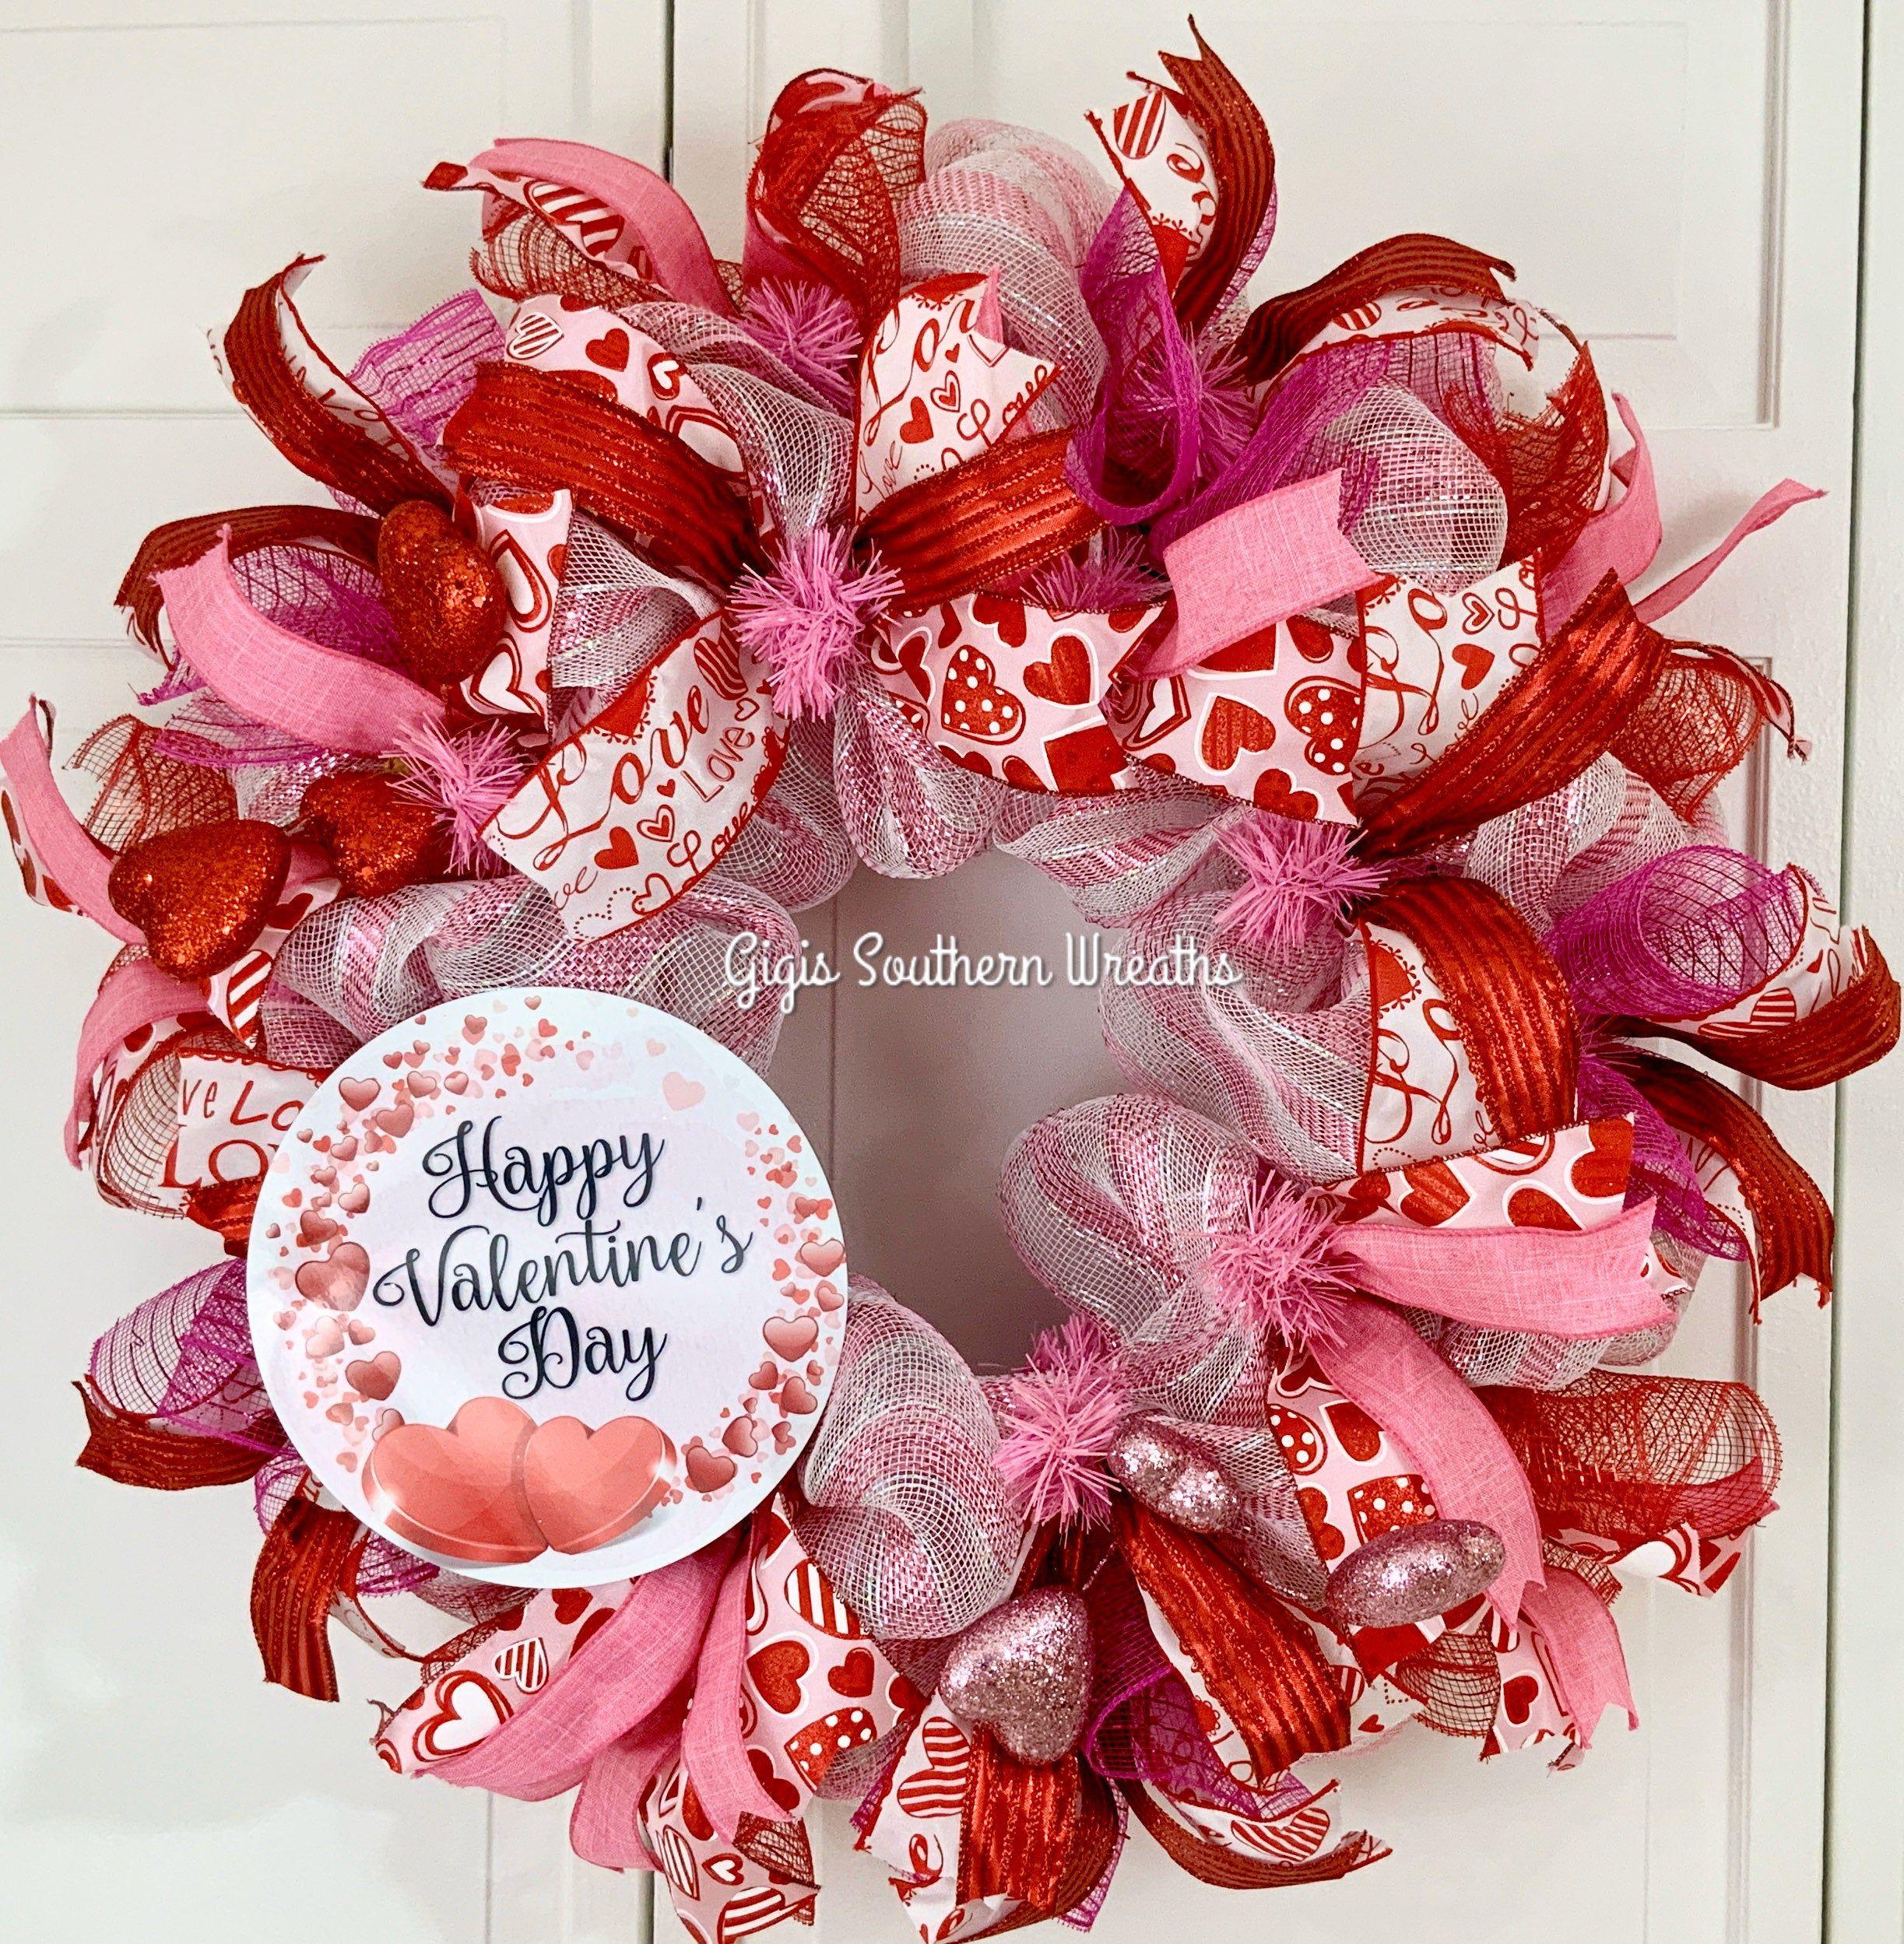 Valentine Mesh Wreath Valentine\u2019s Wreath for Front Door Valentine\u2019s Wreath Valentines Day Wreath Valentine Hearts Valentine/'s Decor